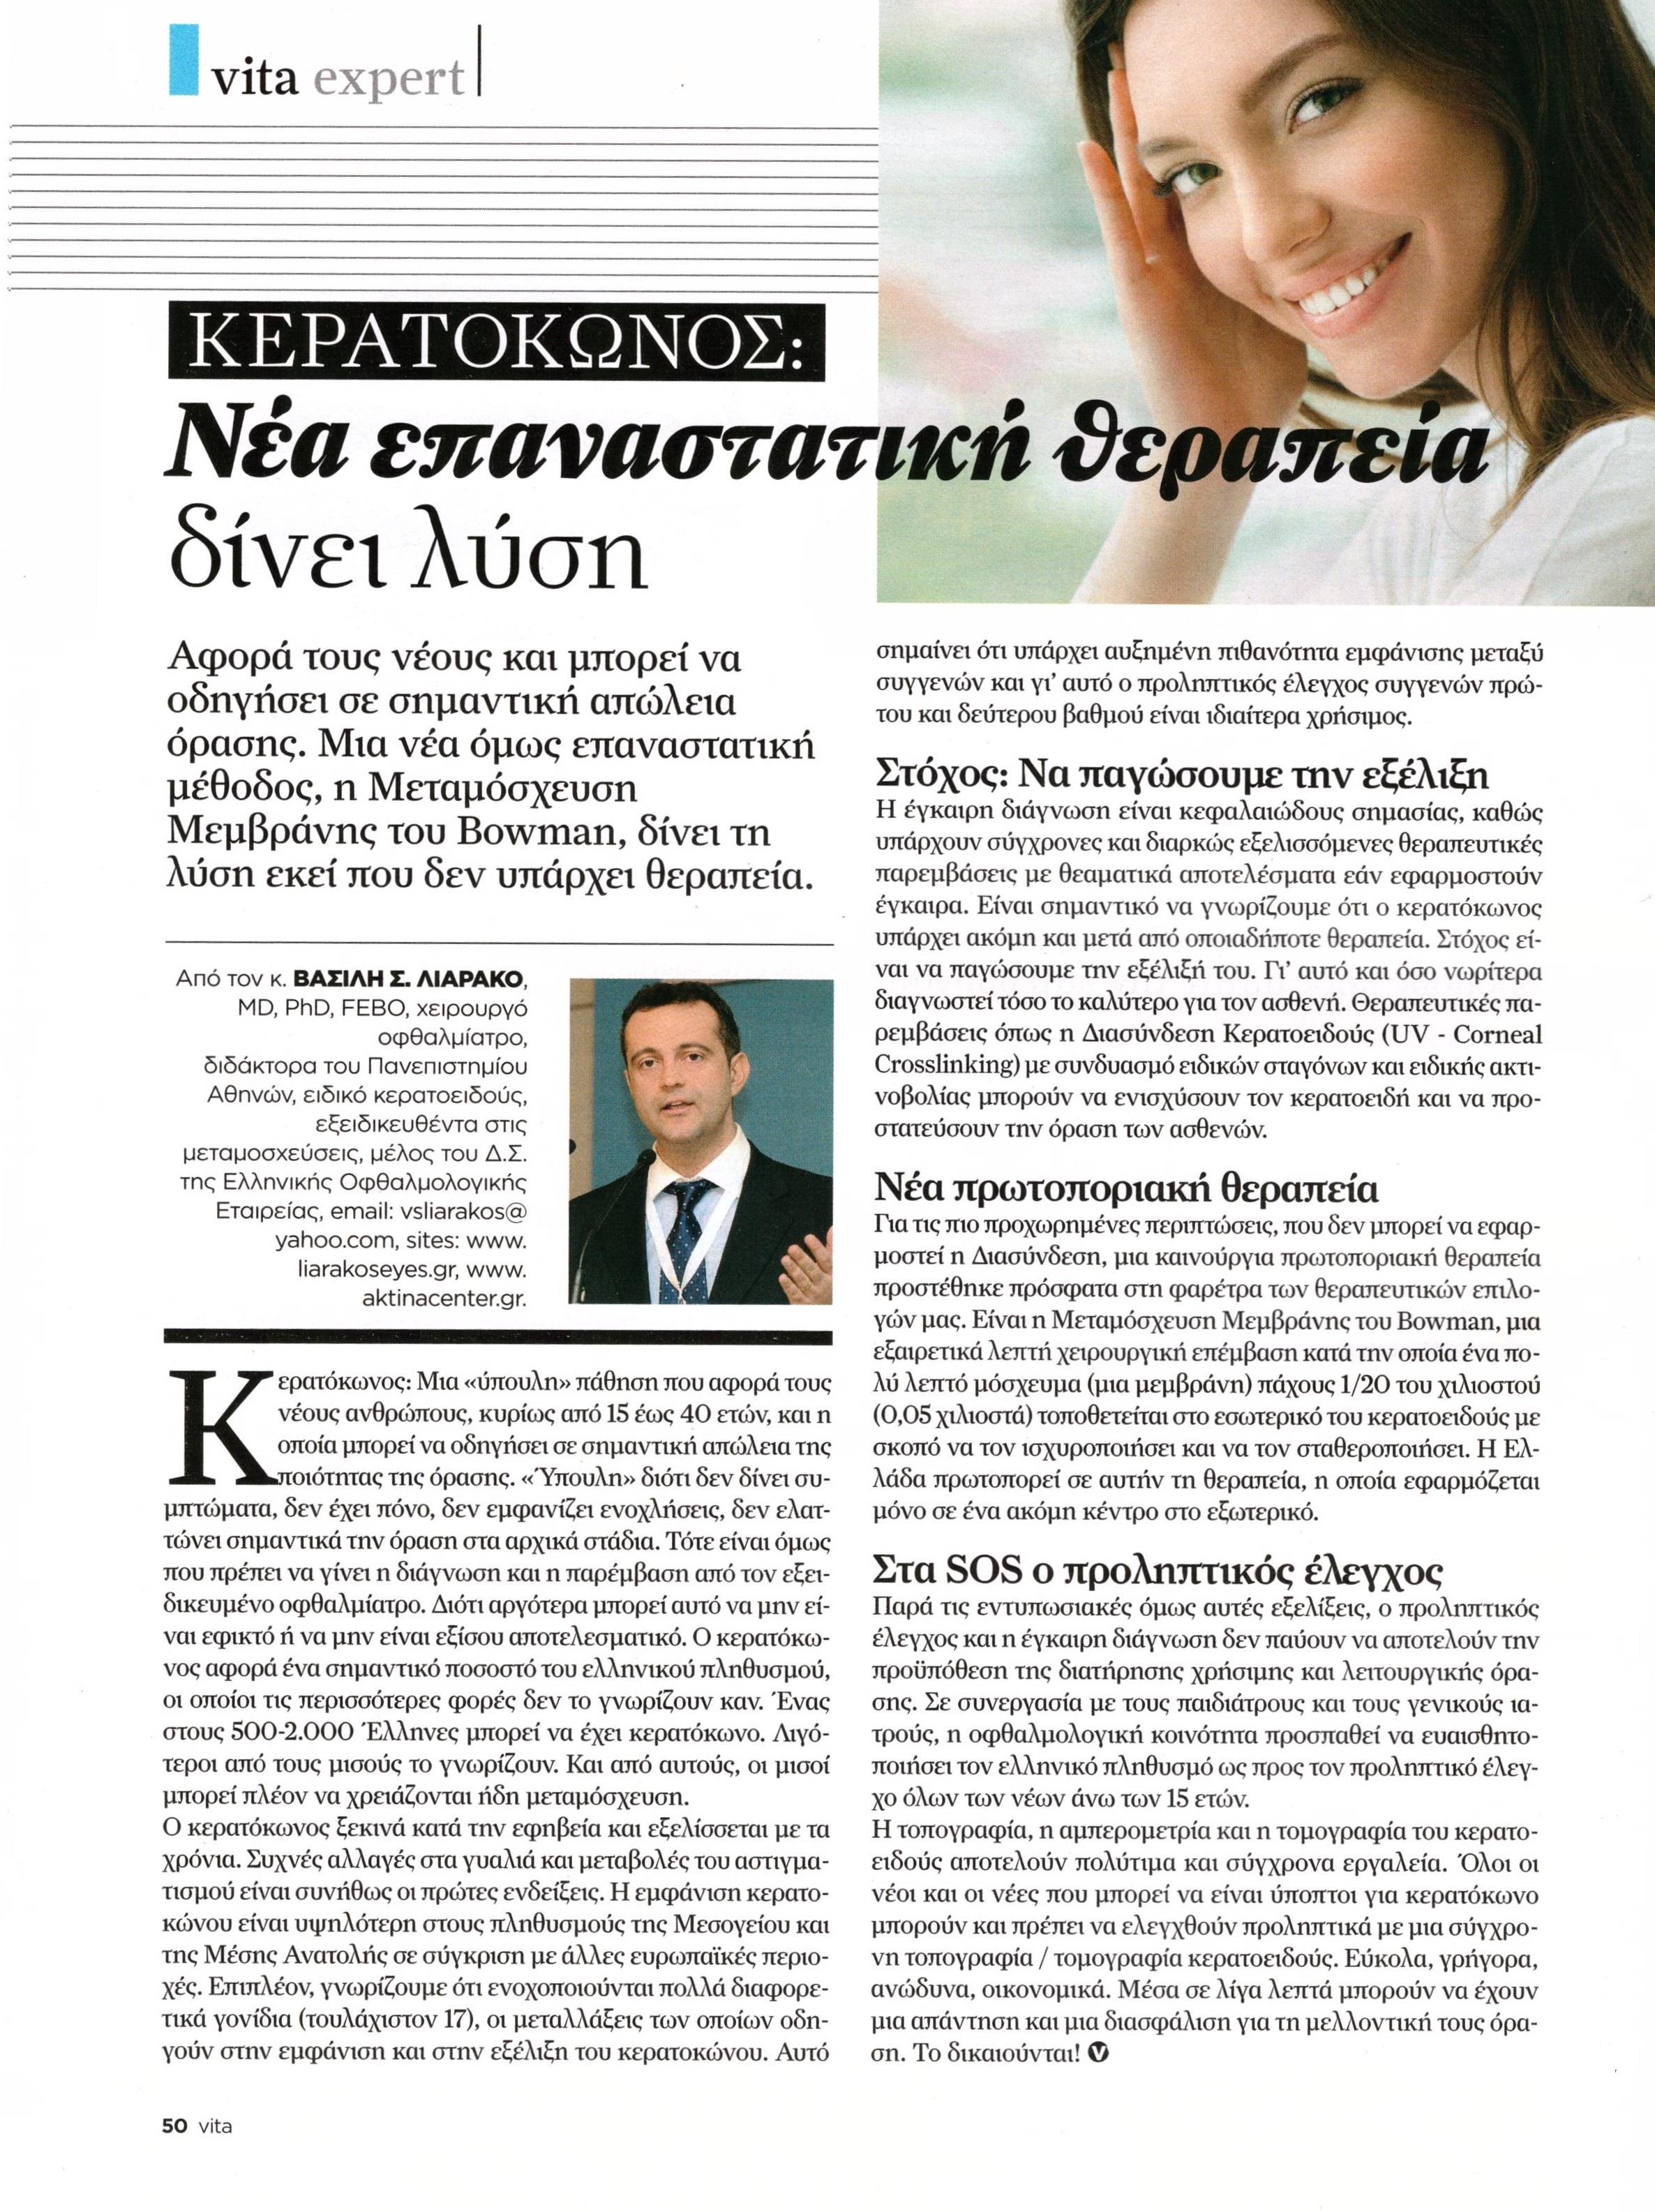 Vita.gr: Κερατόκωνος: Νέα επαναστατική θεραπεία δίνει λύση